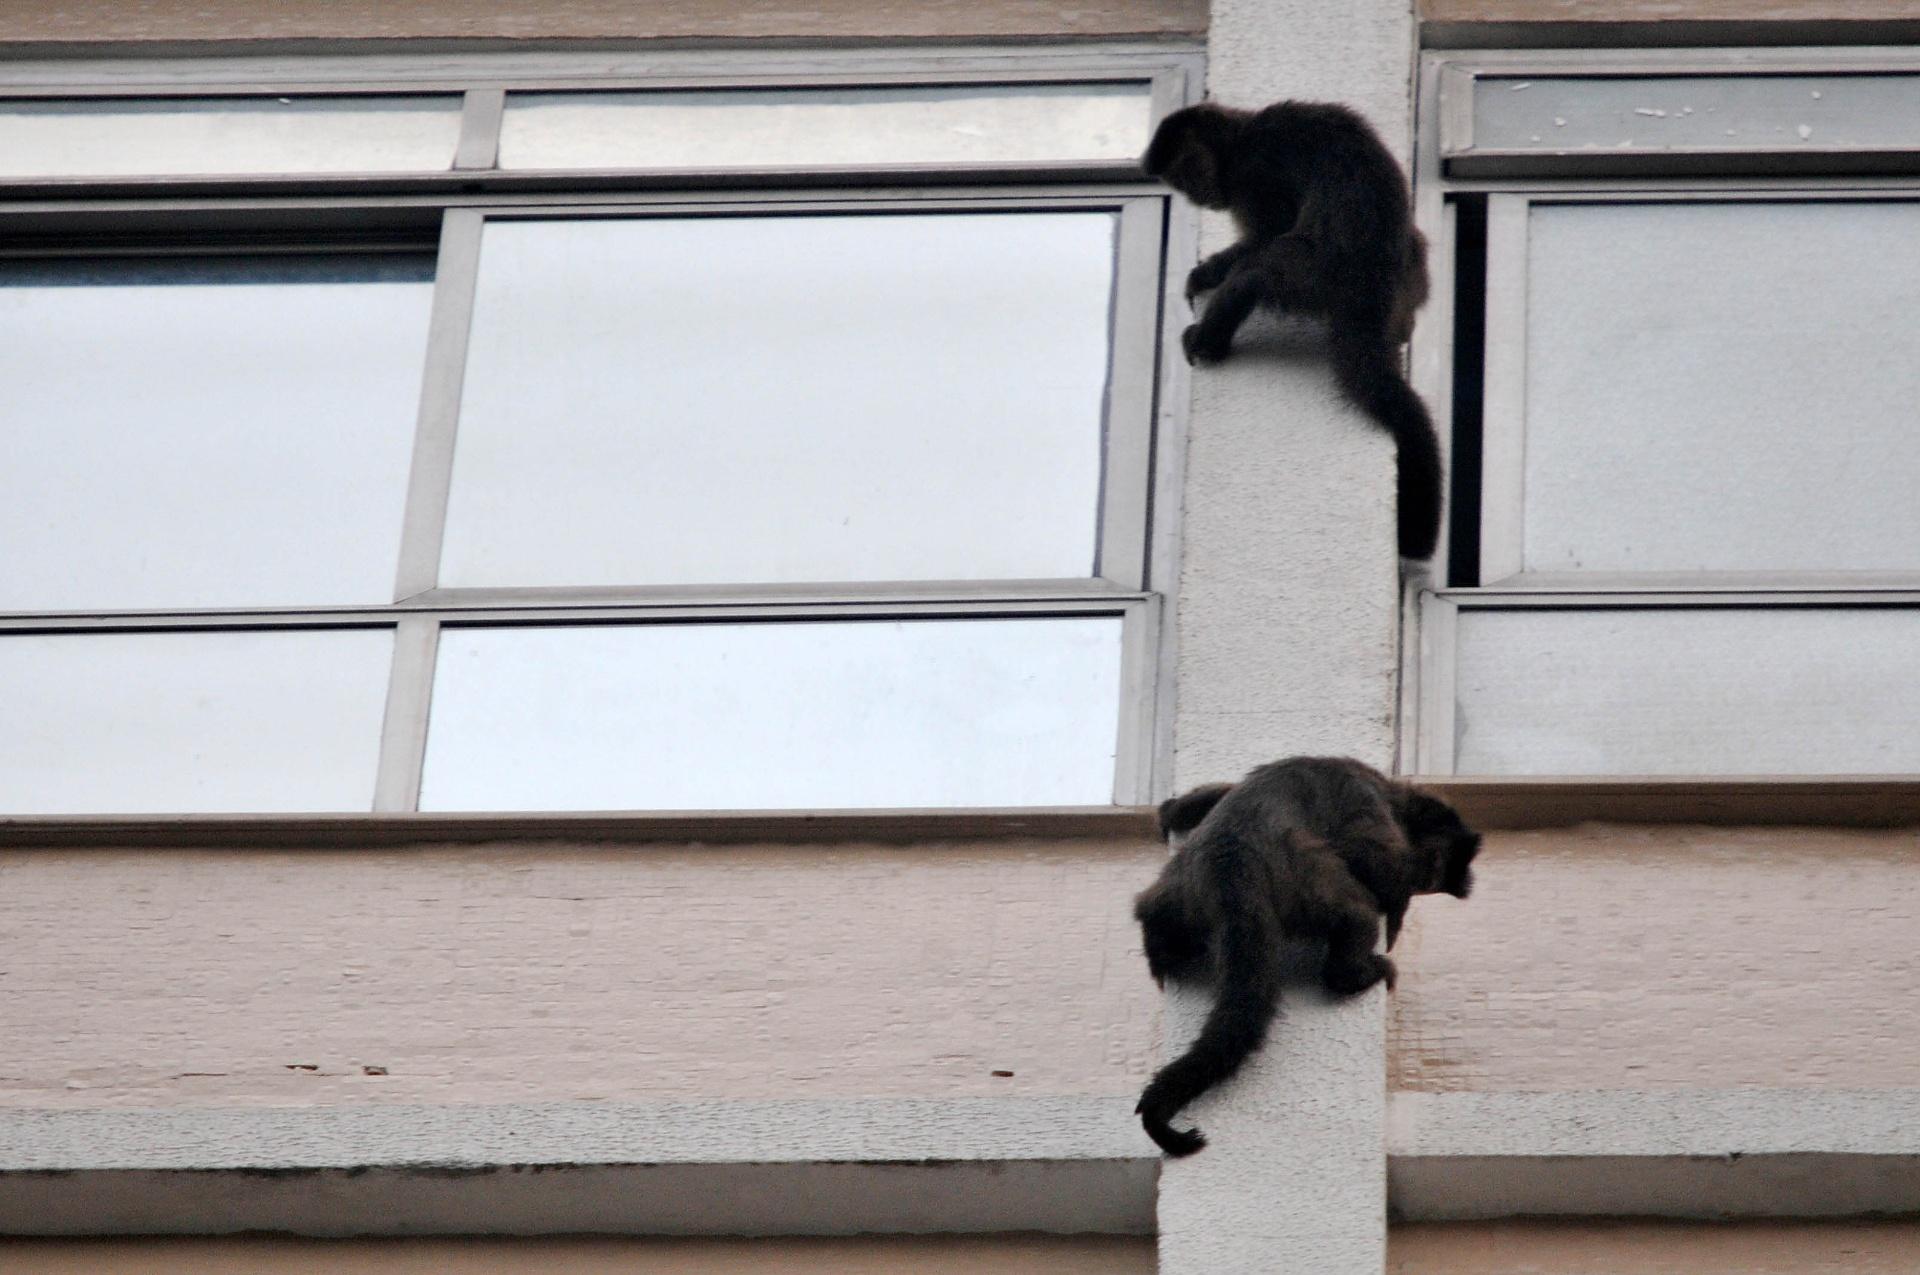 24.jun.2016 - Macacos prego invadiram o Instituto Estadual de Cardiologia, na zona sul do Rio de Janeiro, em busca de comida. Em bando, os animais subiram nas paredes do instituto para entrar nos apartamentos de pacientes em tratamento. Segundo funcionários, as invasões são constantes